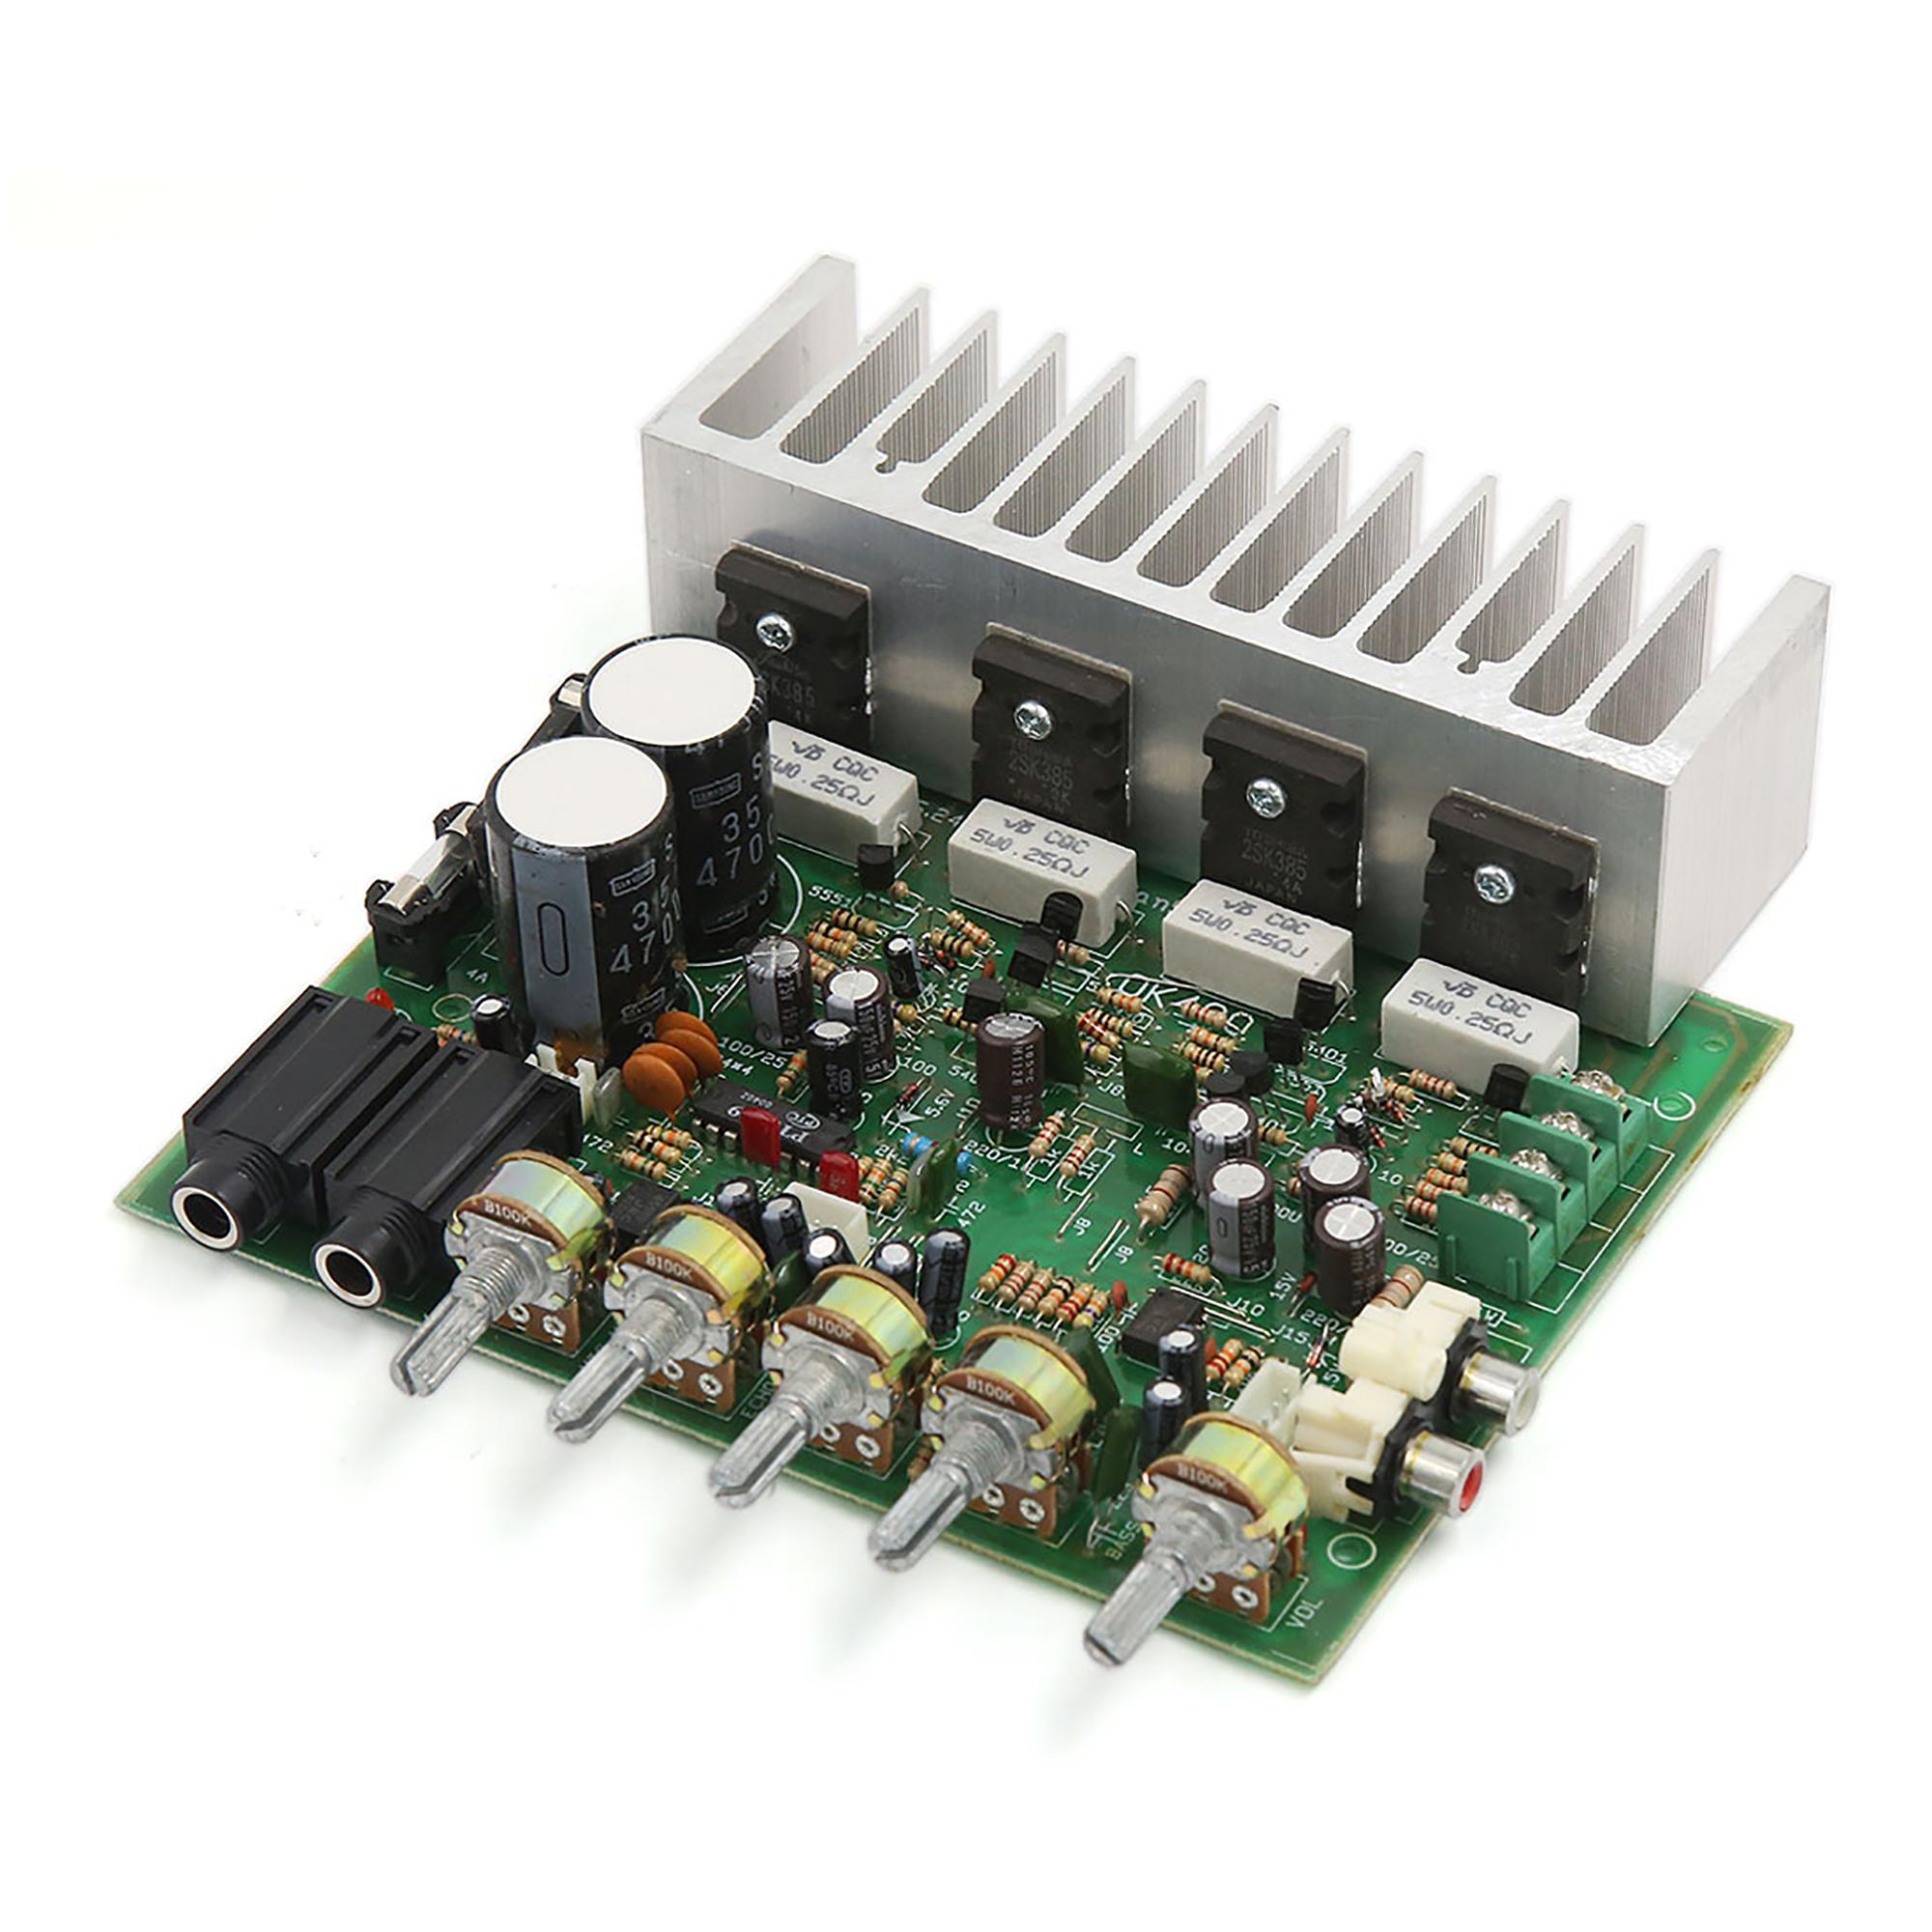 AC22-26V 250W+250W LFE Subwoofer Audio Hi-Fi 4 Channel Car Boat Stereo Power Amplifier Board